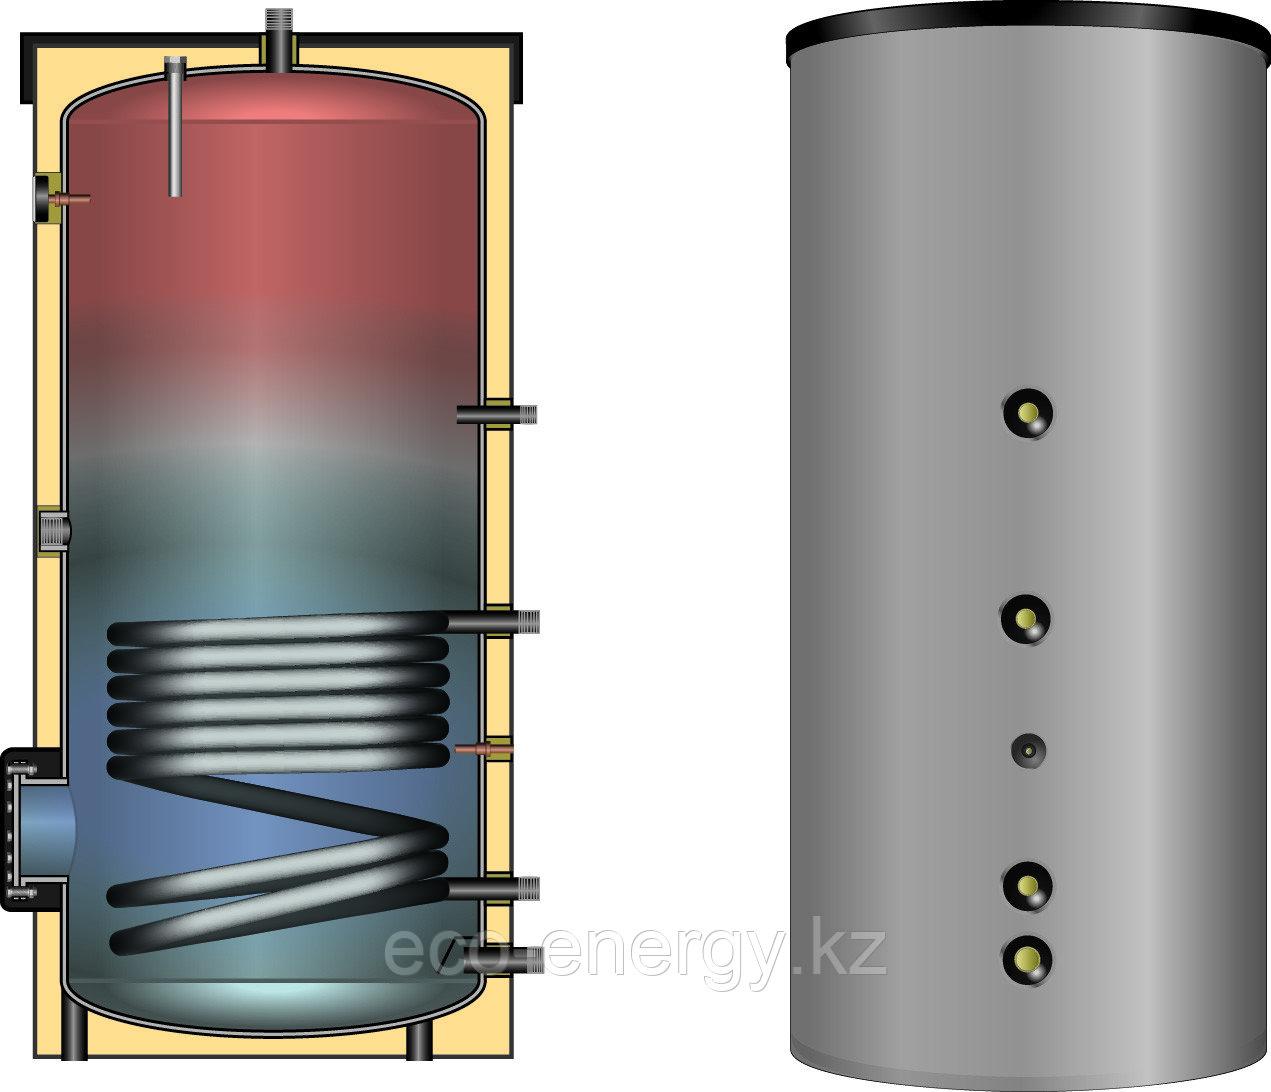 Водонагреватель (косвенный) EBS-PU 400 л